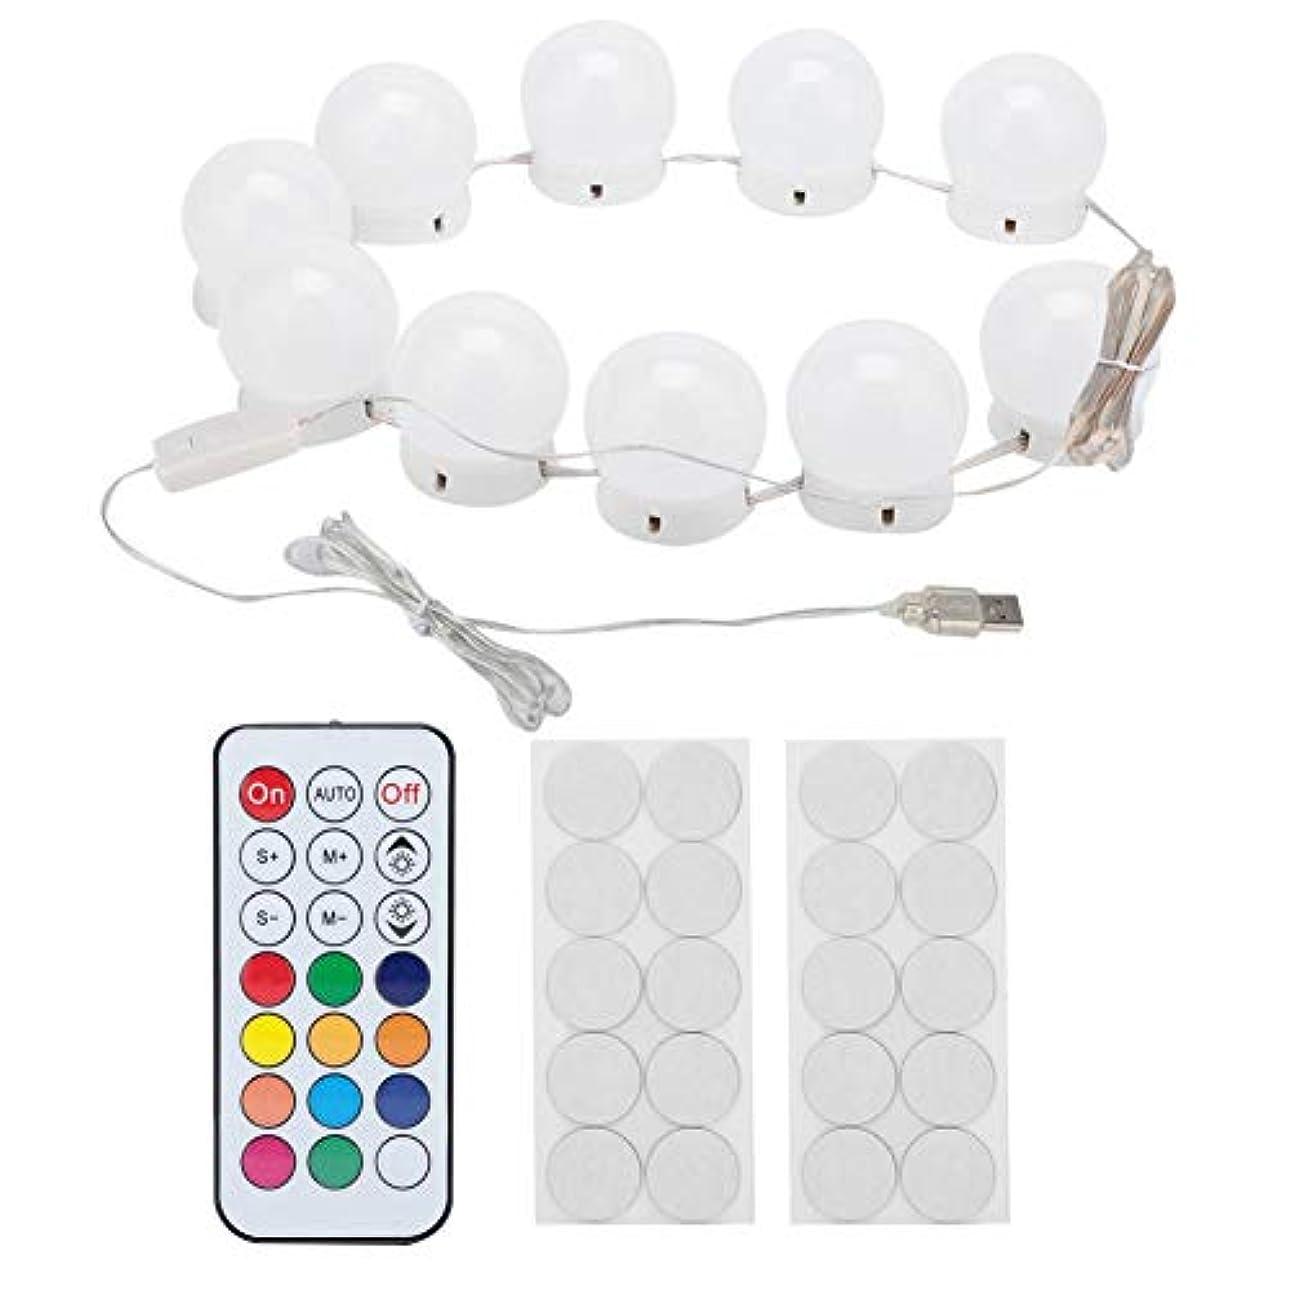 広告主起きる許可化粧鏡ラ??イトキット 10 LED付き調 光ライトストリング電球バニティライト バスルーム 化粧鏡に最適